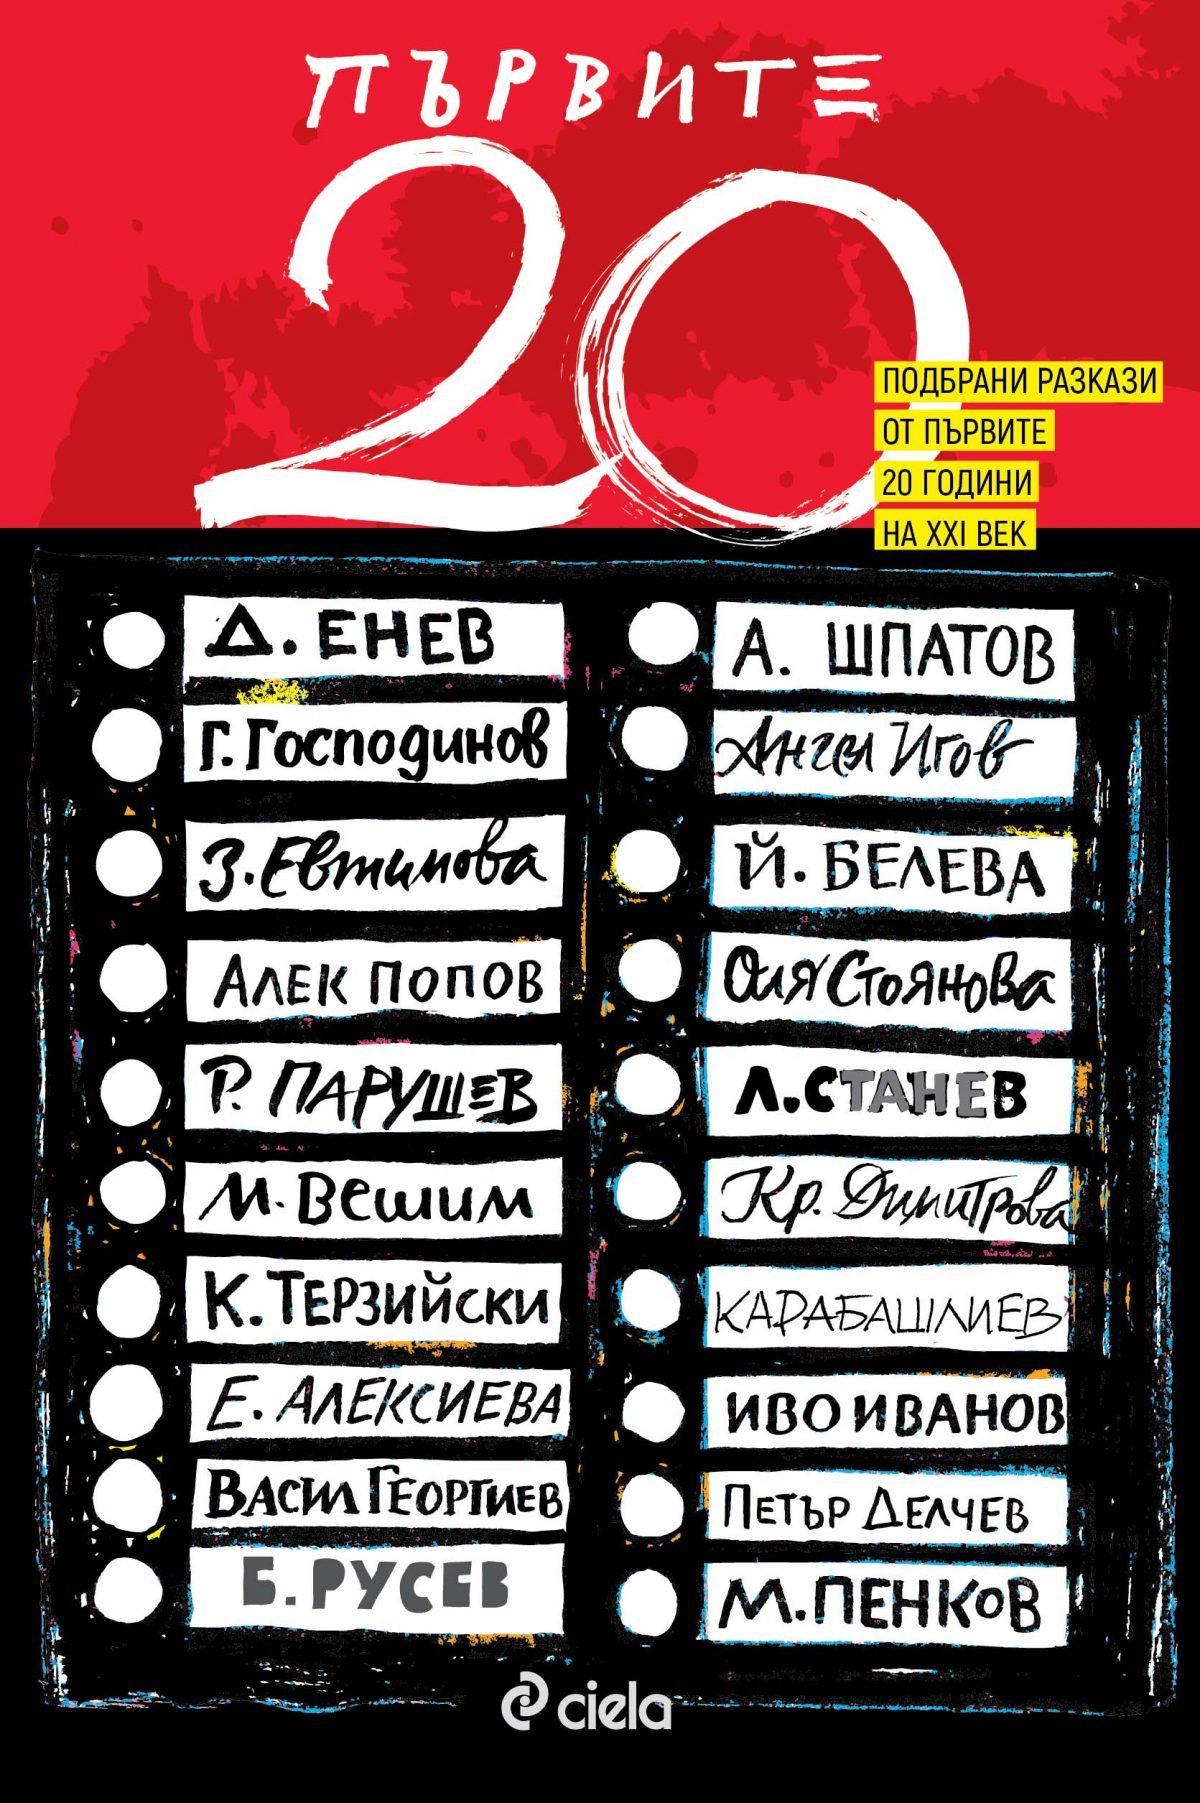 Първите 20 (корица)